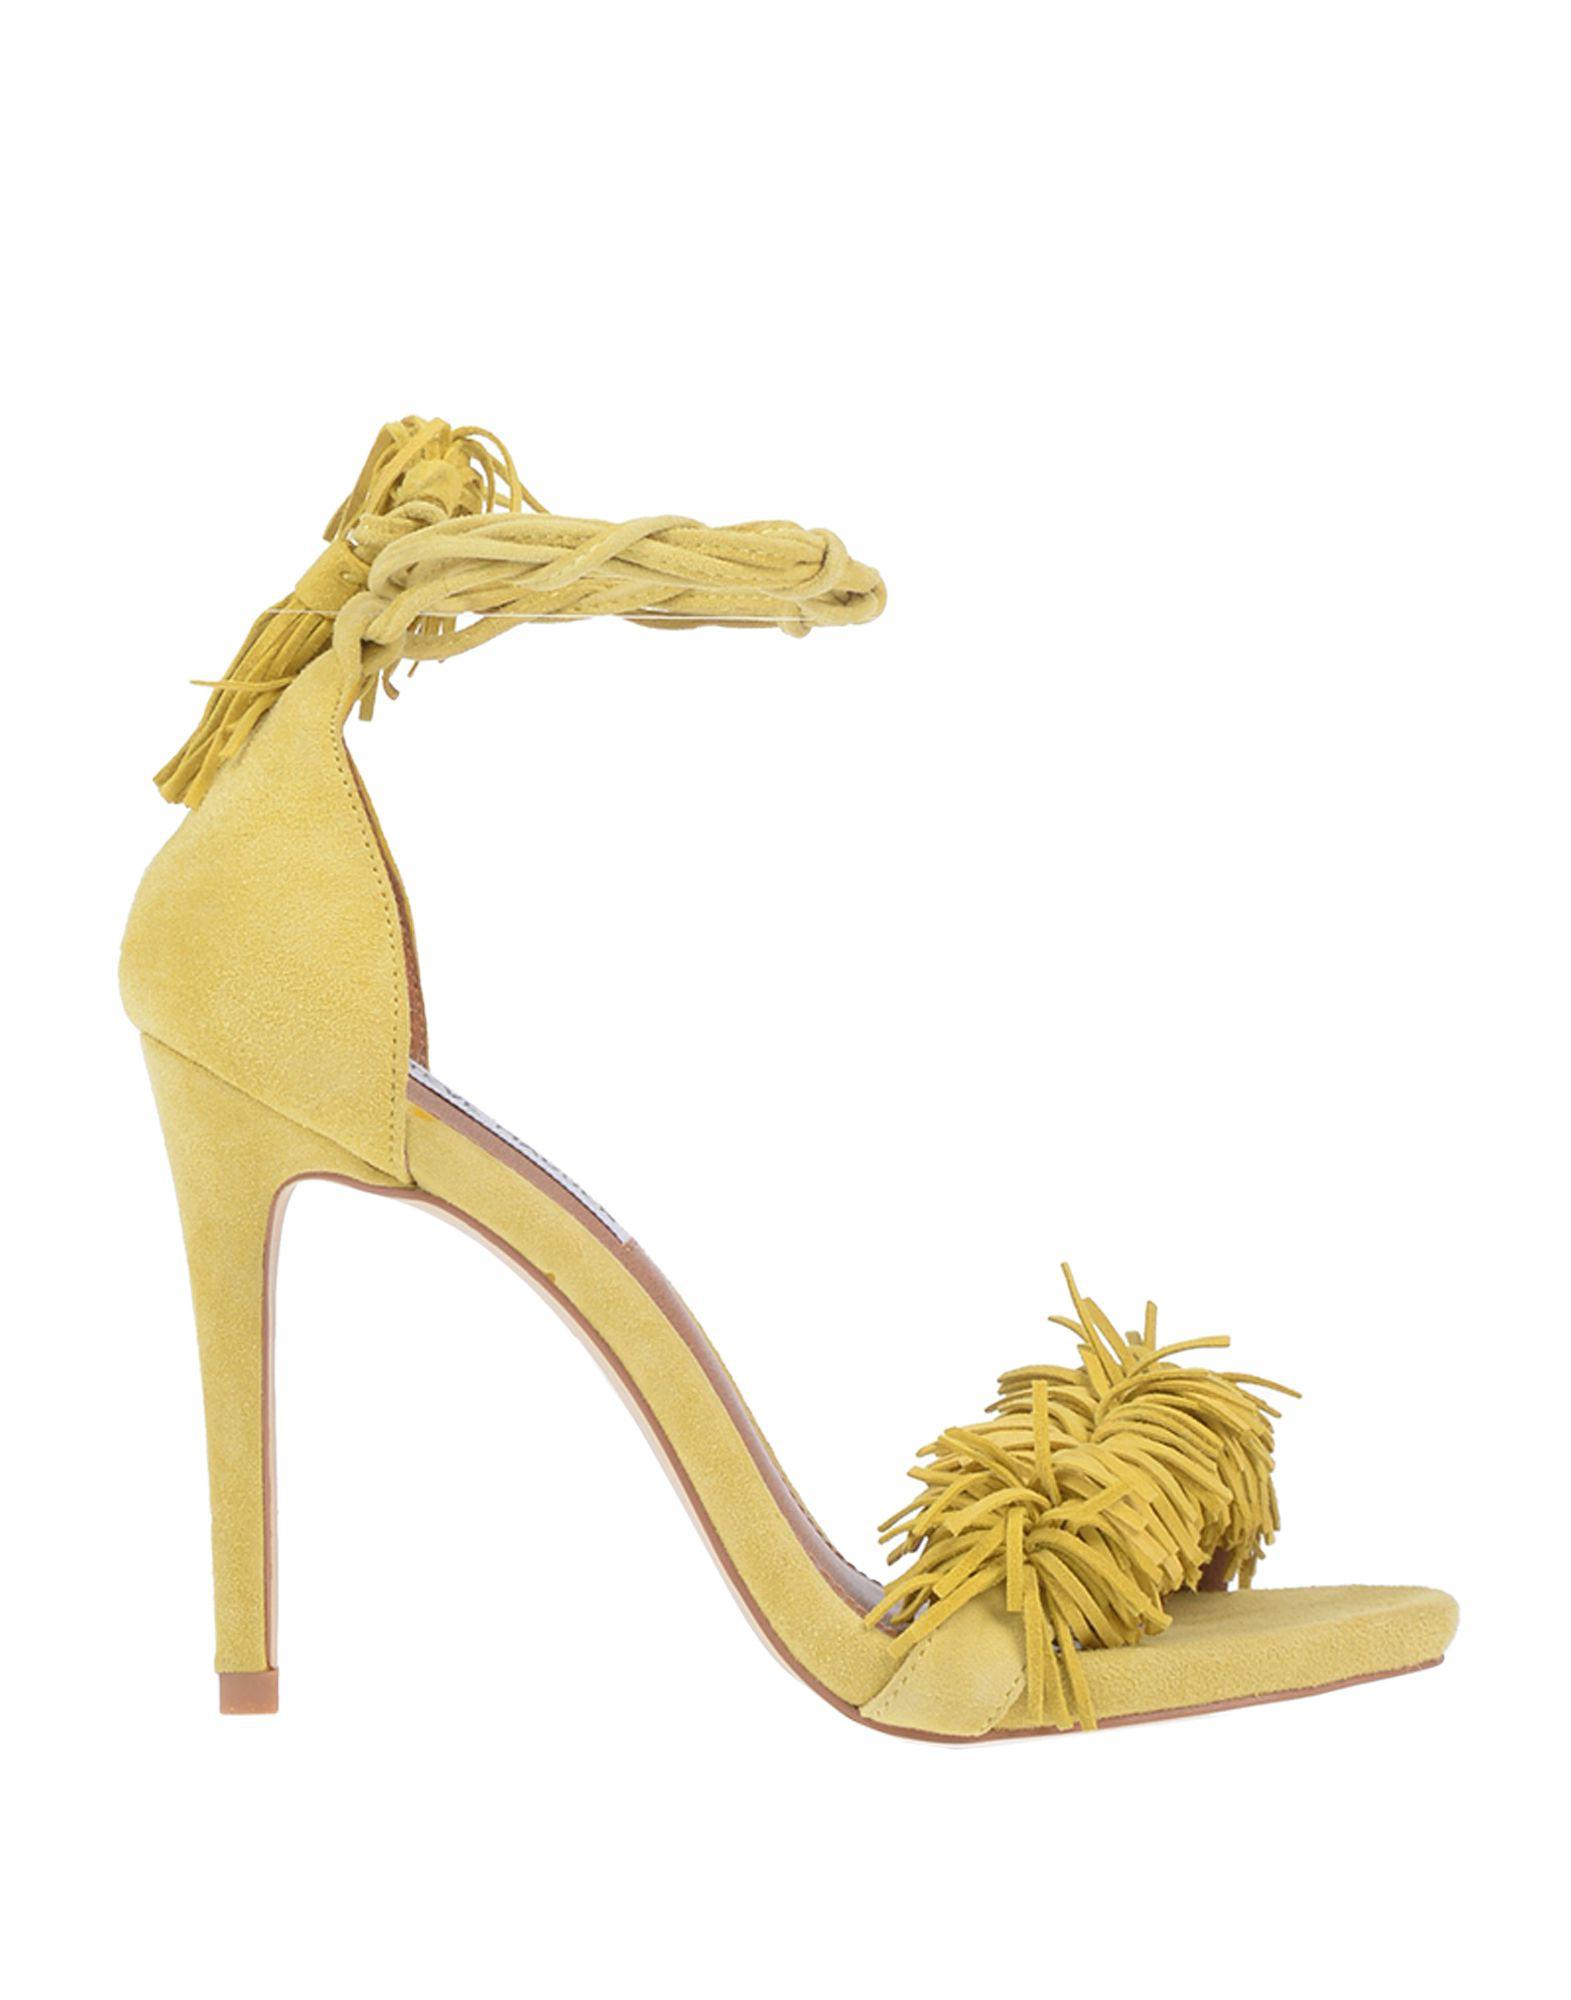 131122ec96d0 Steve Madden Sandals In Yellow